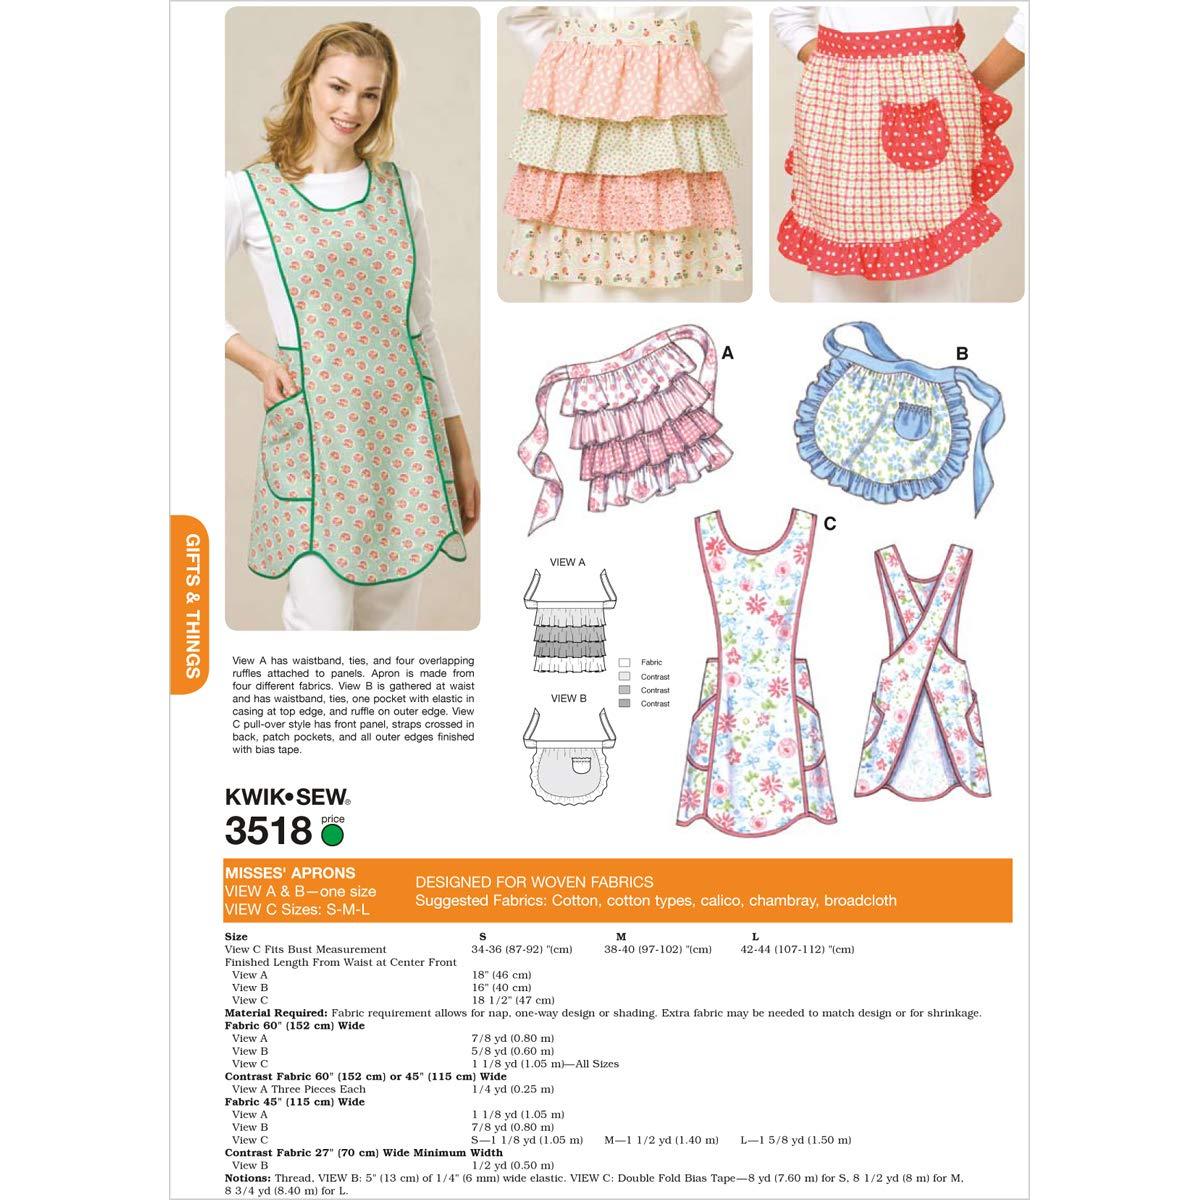 Amazon.com: Kwik Sew K3518 Aprons Sewing Pattern, Size View A and B ...